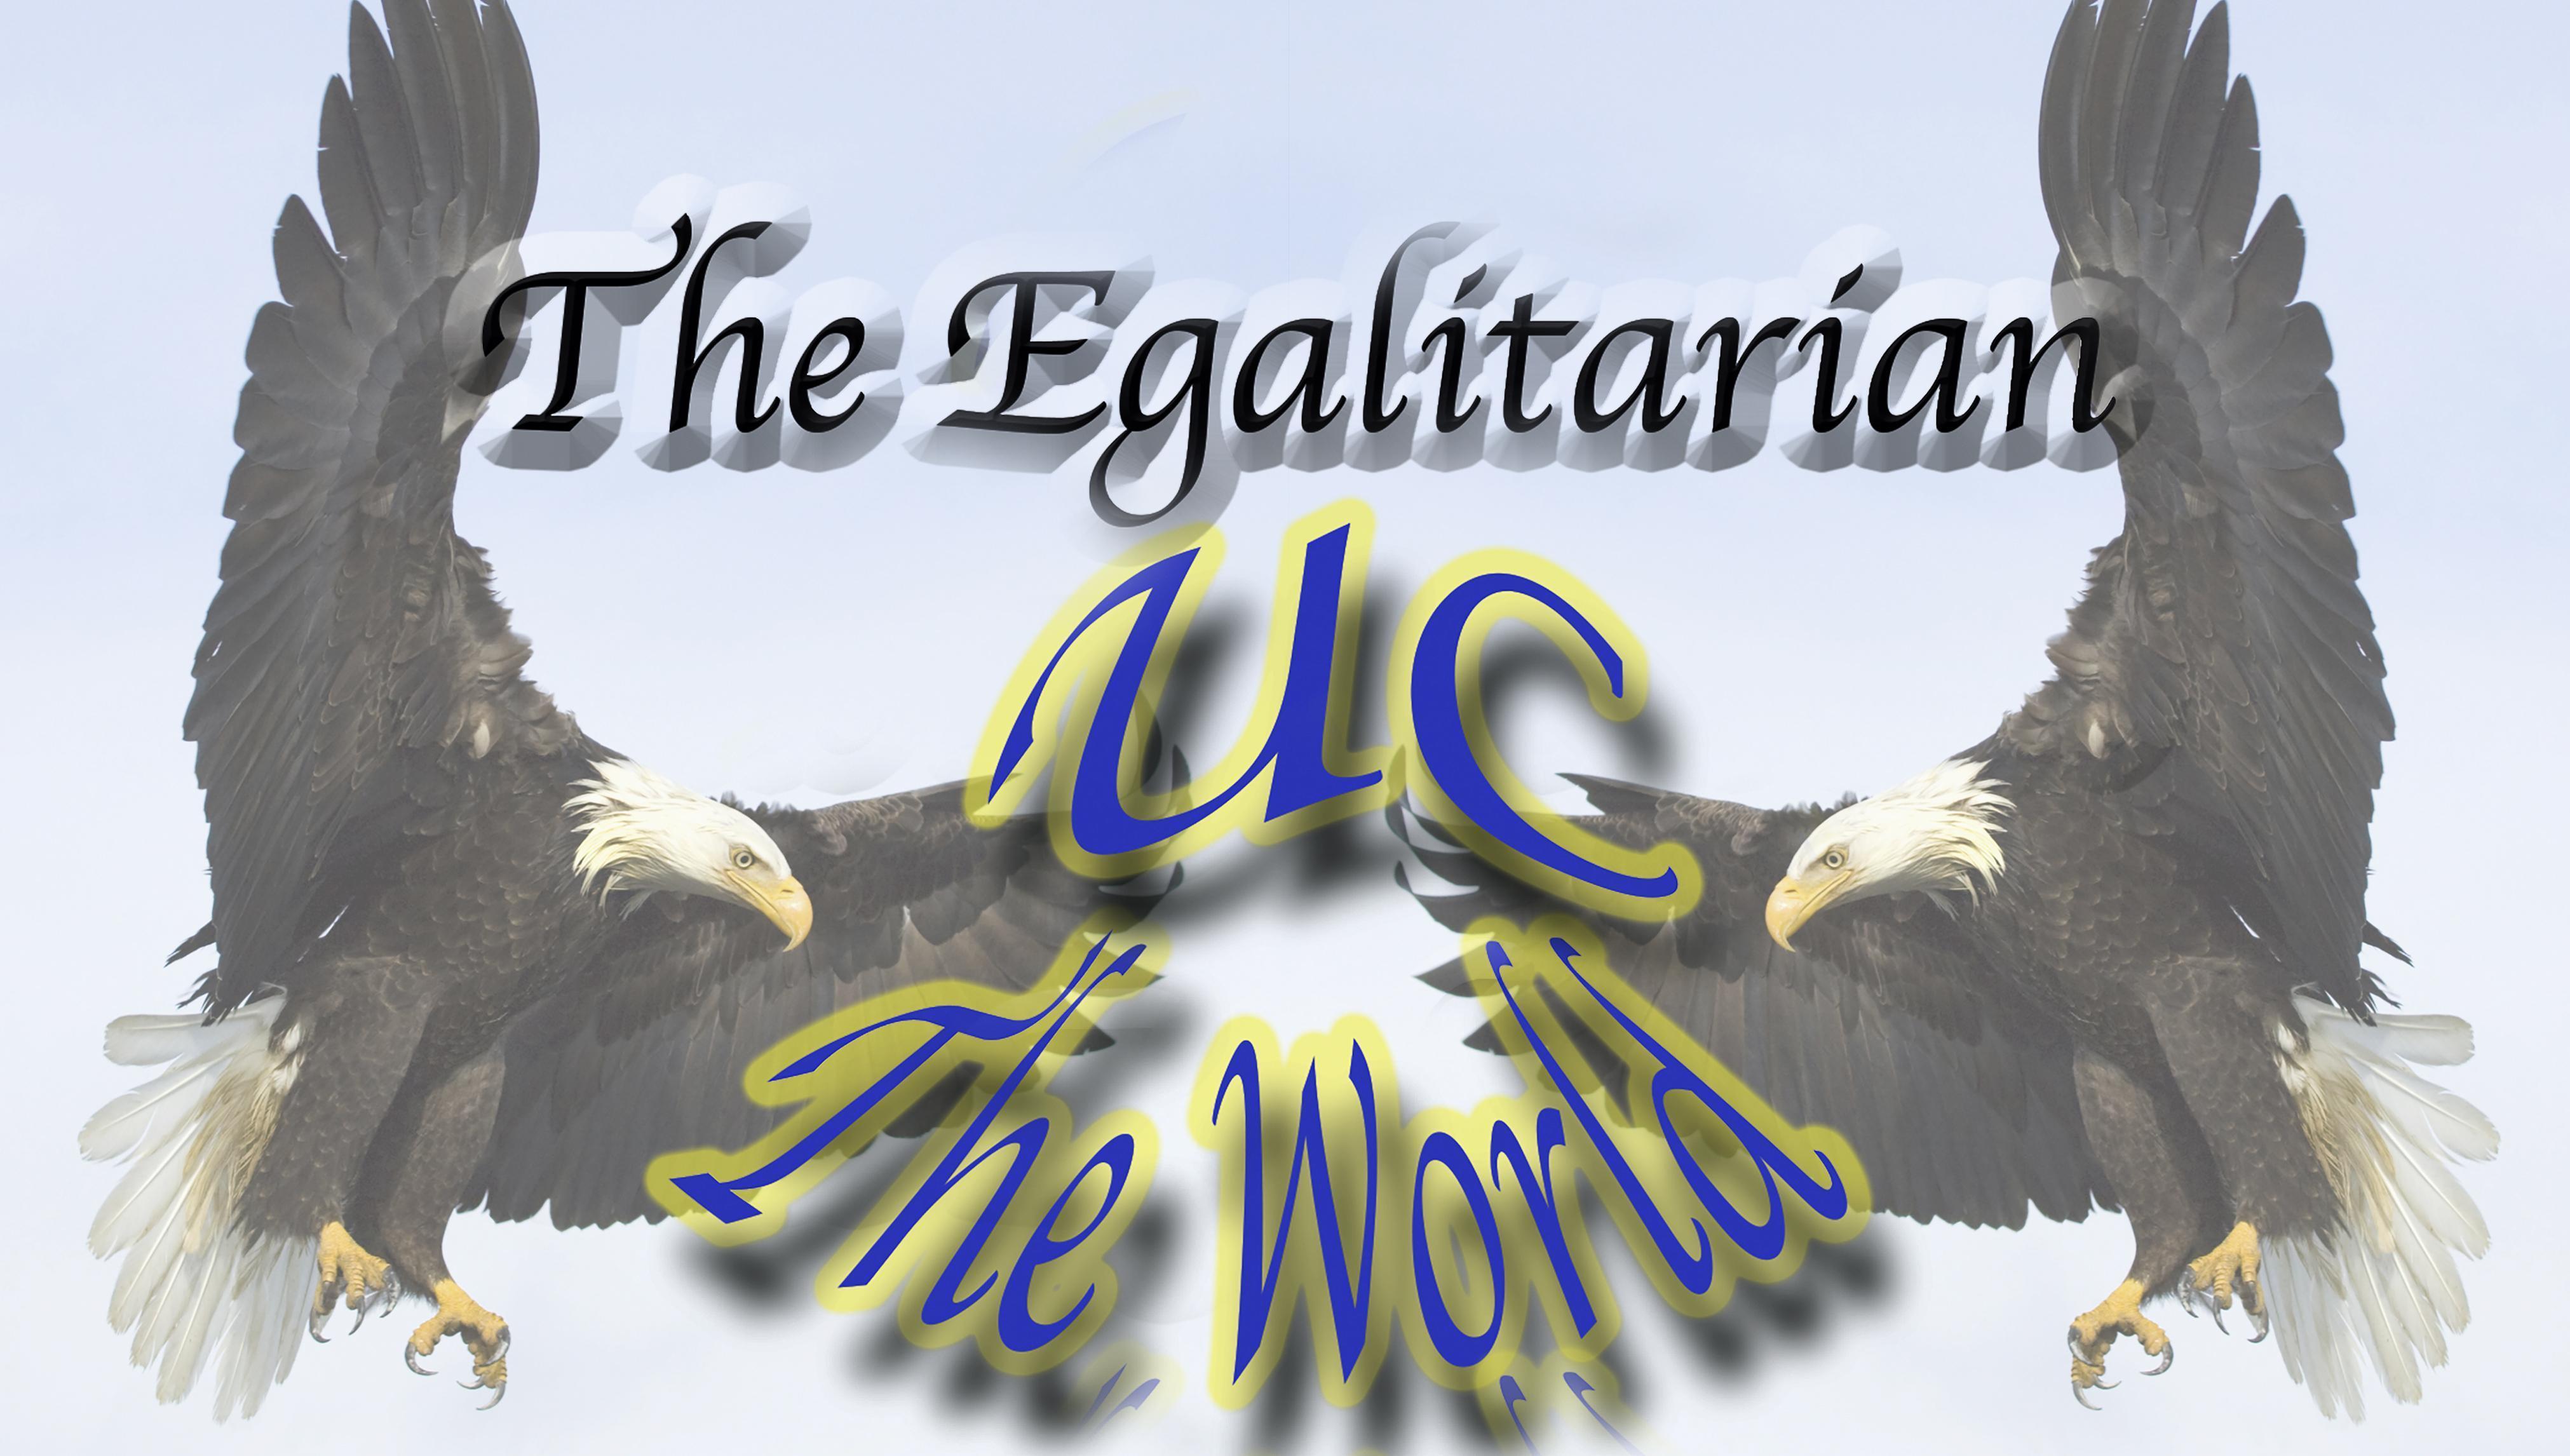 The Egalitarian Logo